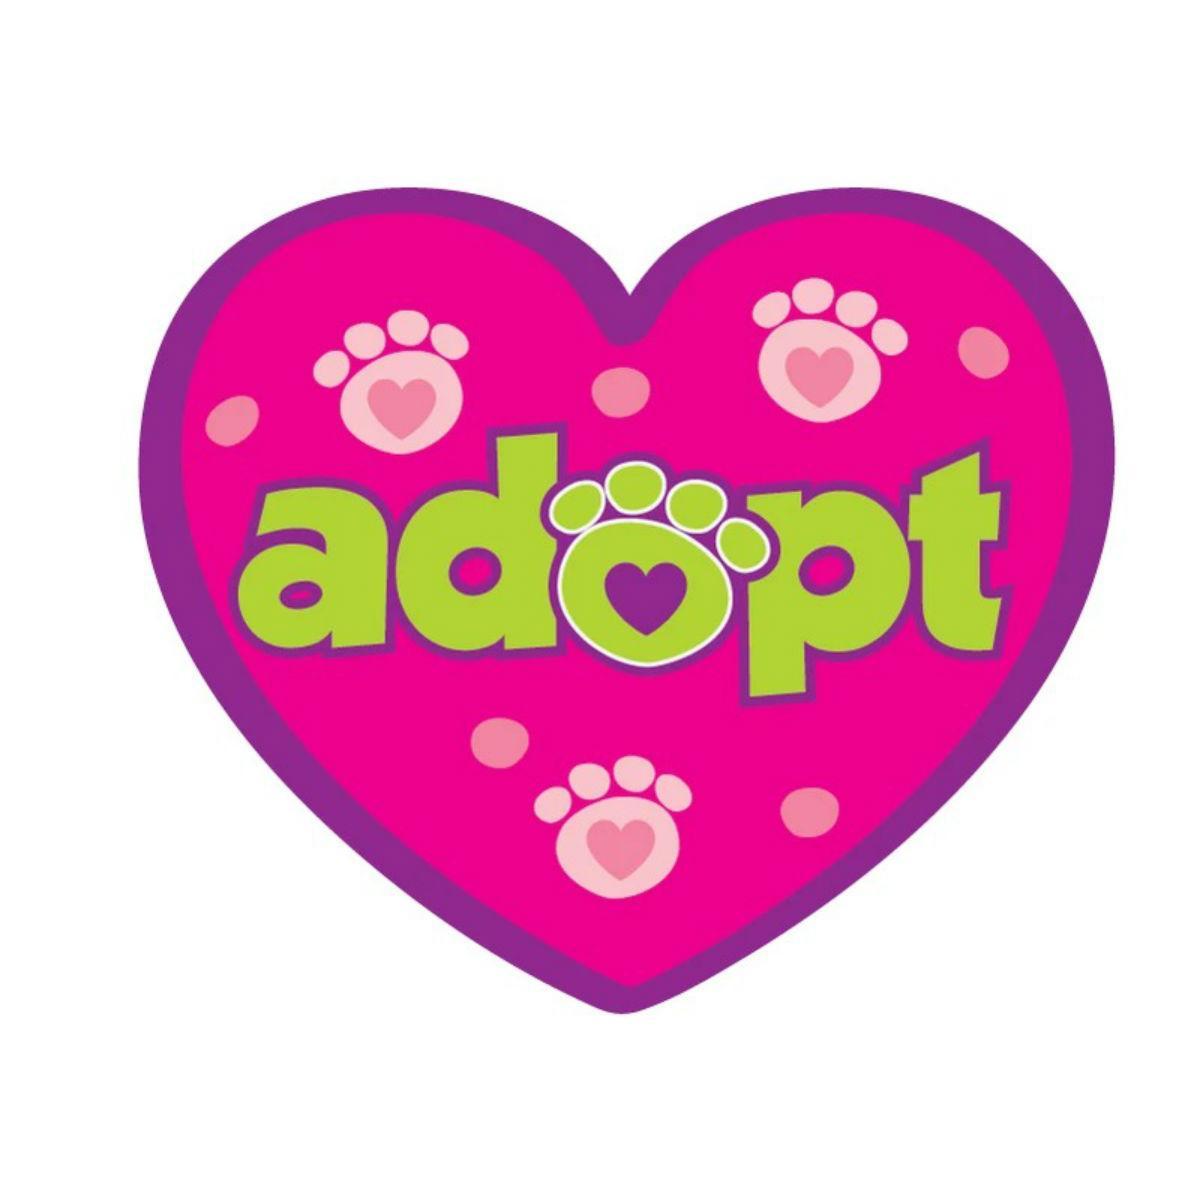 Adopt Sticker by Dog Speak - Pink